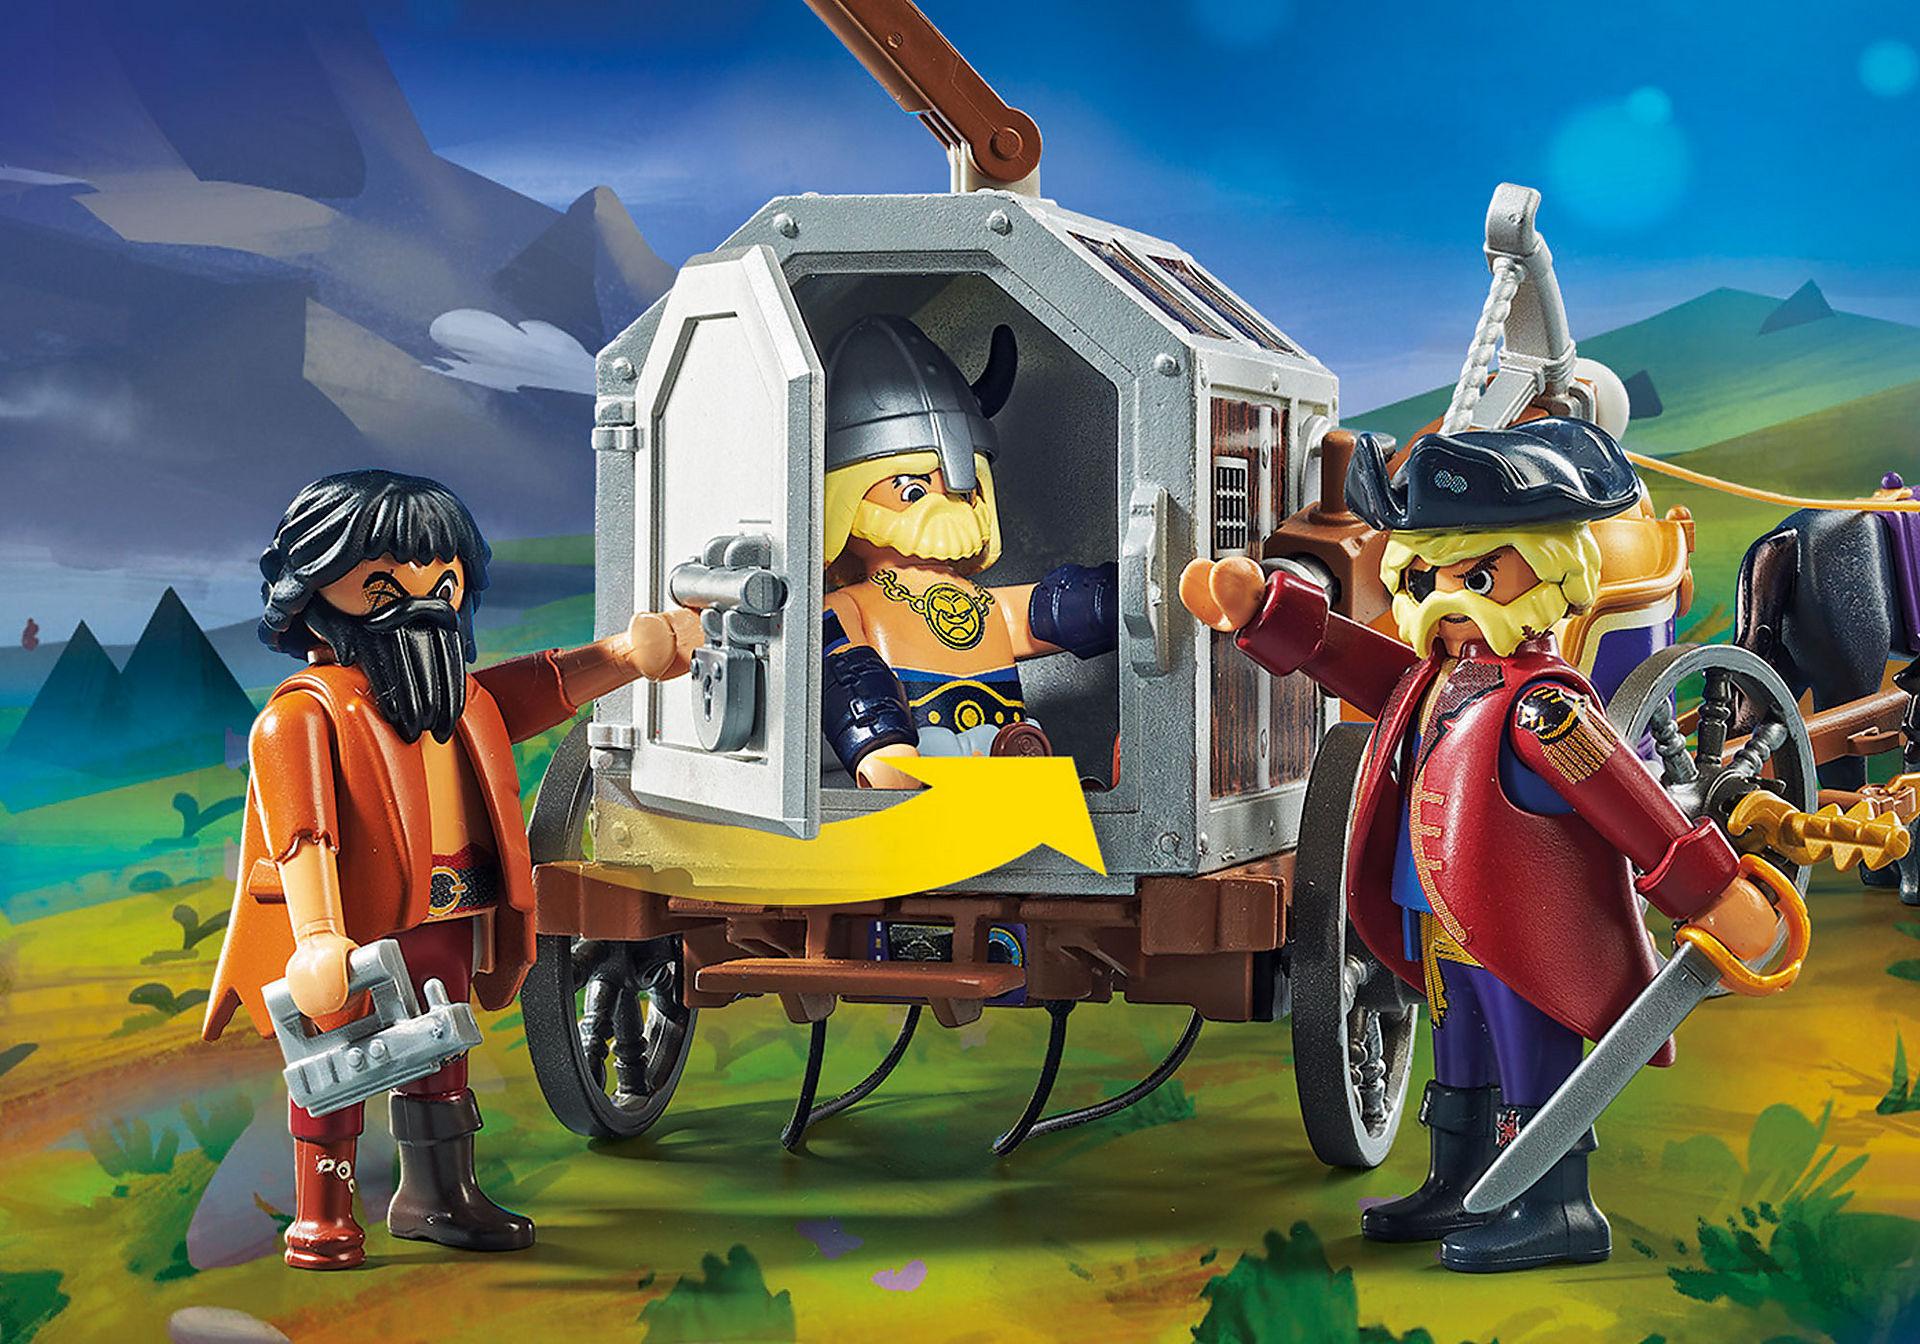 http://media.playmobil.com/i/playmobil/70073_product_extra2/PLAYMOBIL: THE MOVIE Charlie i powóz rzezimieszków